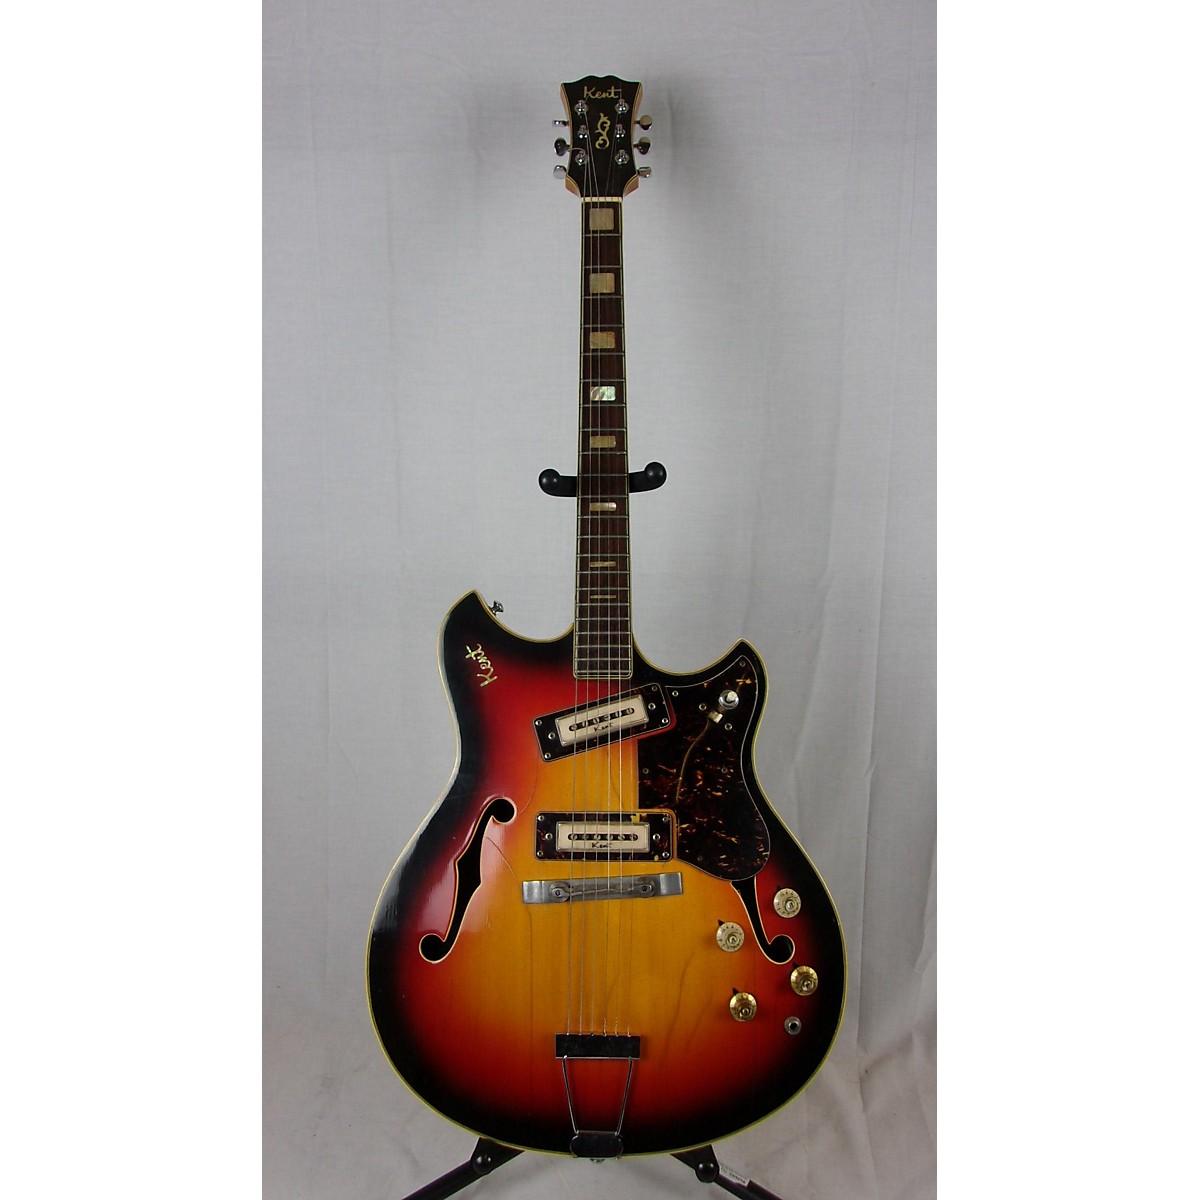 Kent 1960s 740 Hollow Body Electric Guitar